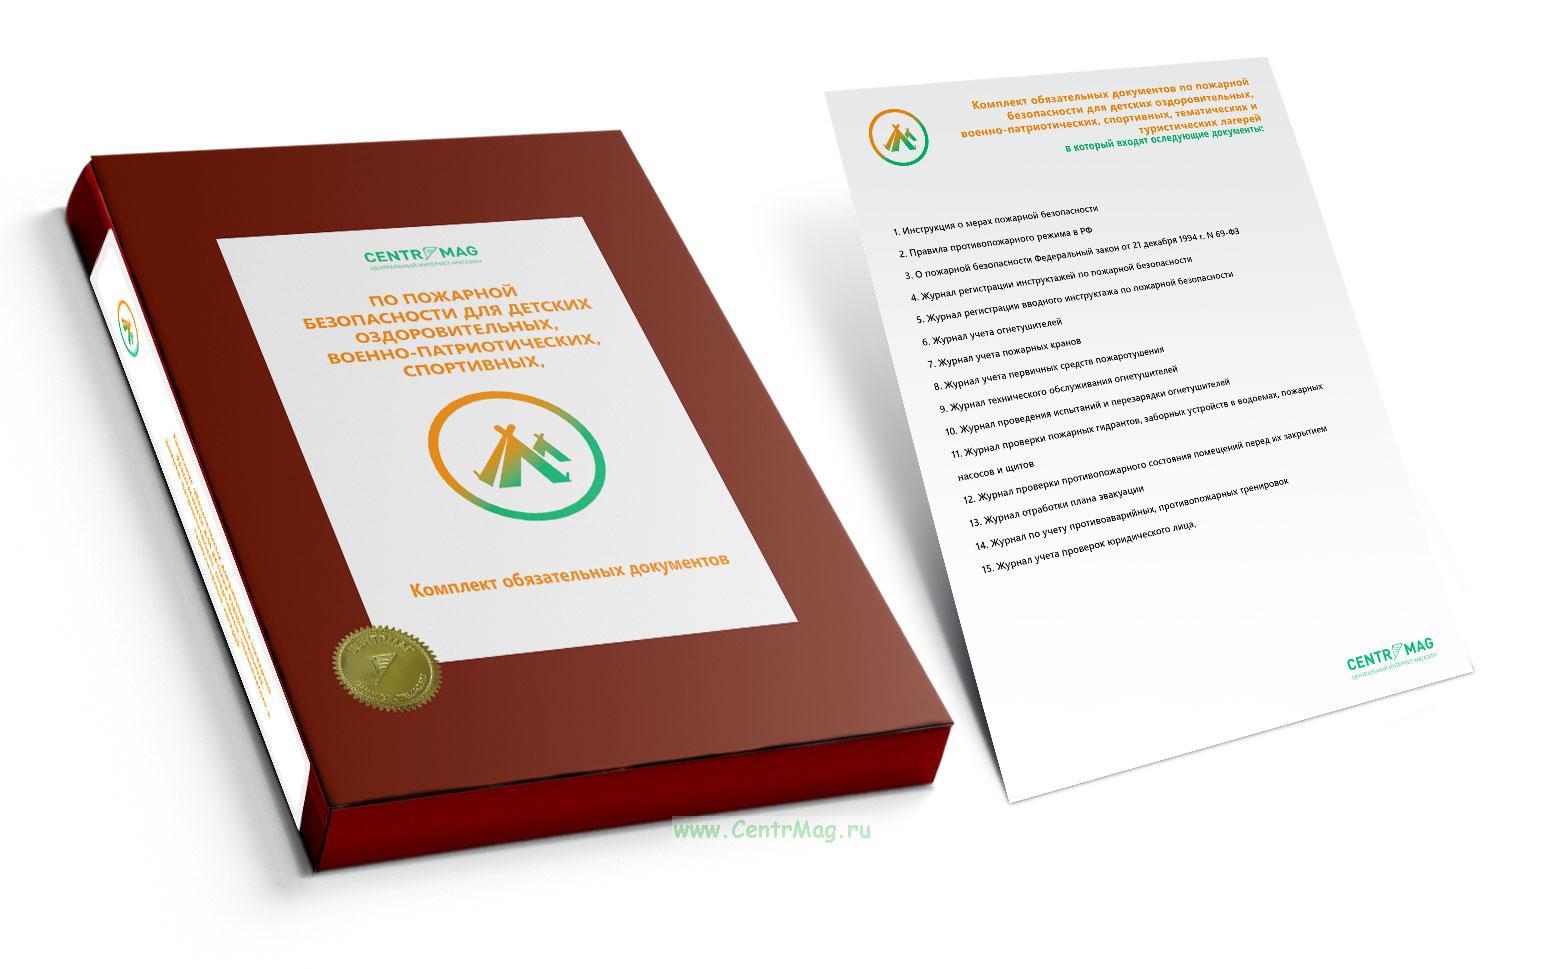 Комплект обязательных документов по пожарной безопасности для детских оздоровительных, военно-патриотических, спортивных, тематических и туристических лагерей